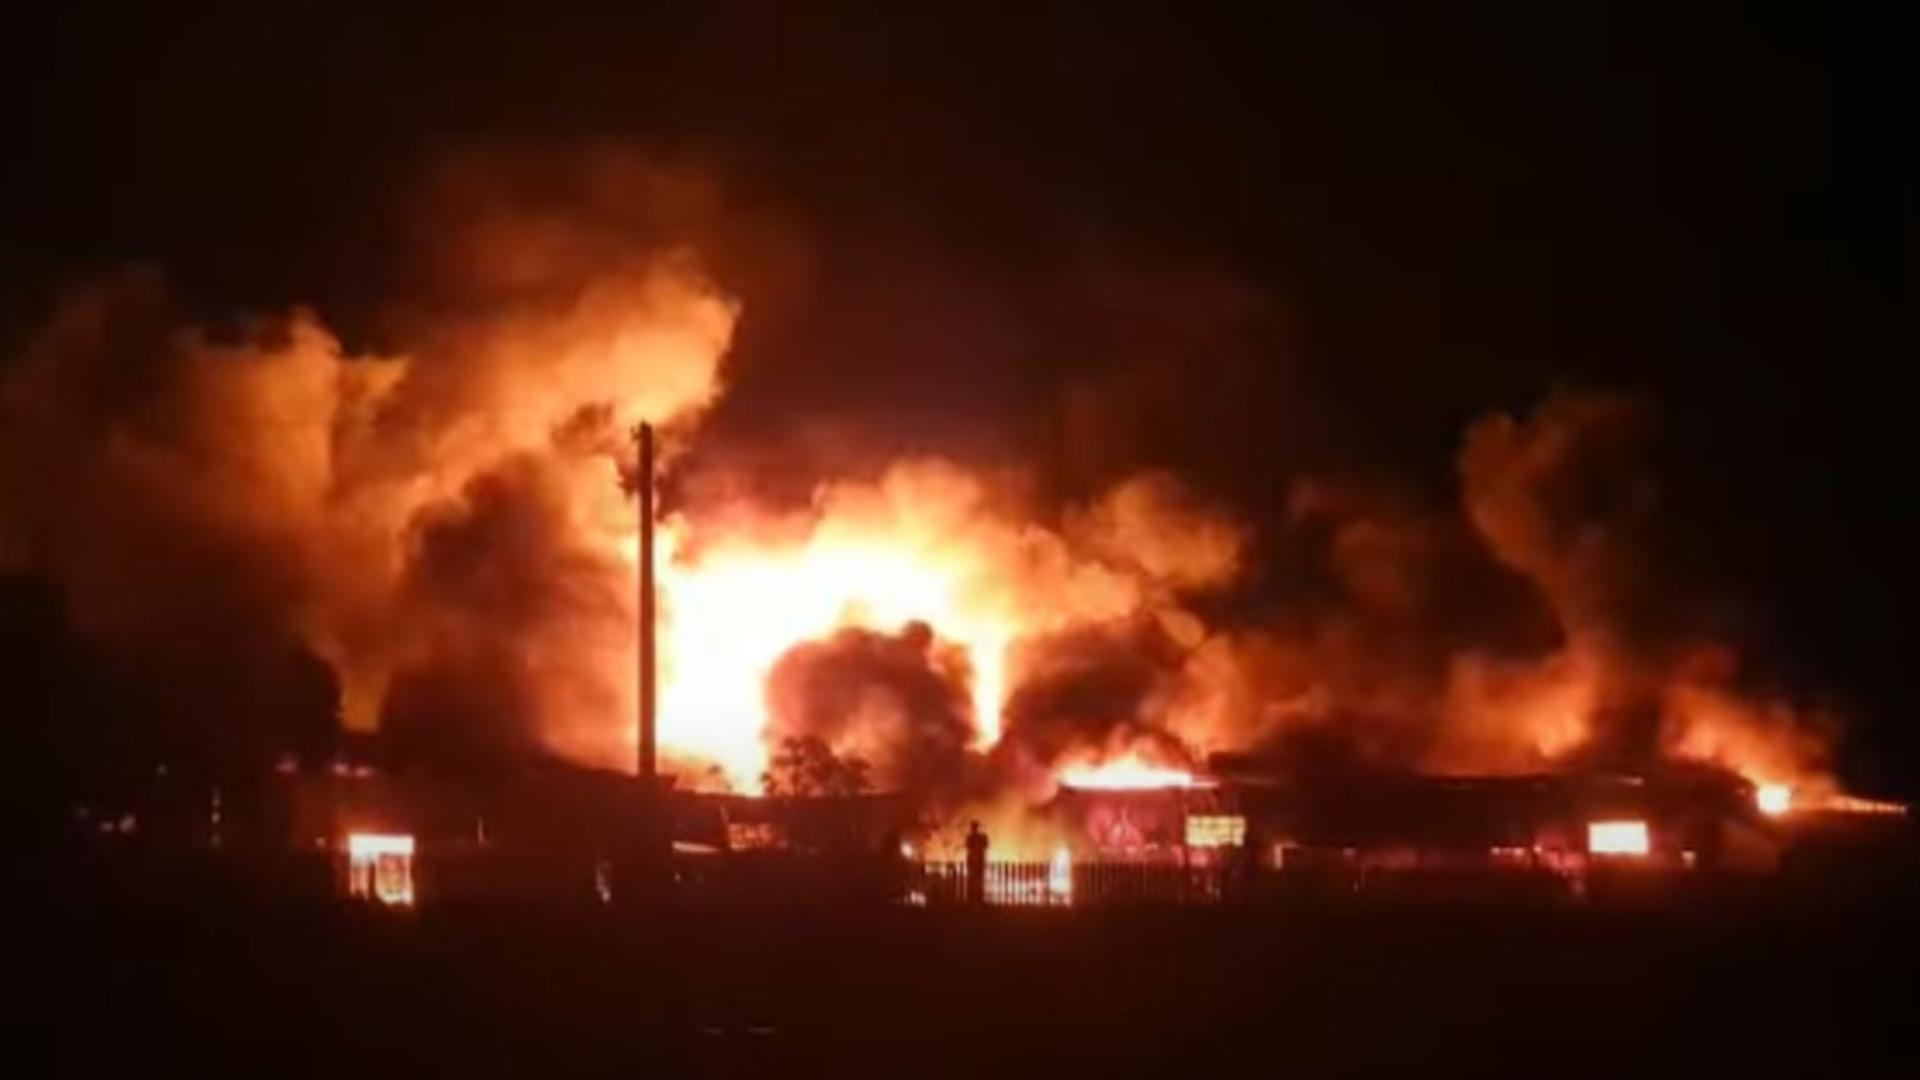 Incendiu la un depozit de mase plastice din Bârlad. Foto/Captură video